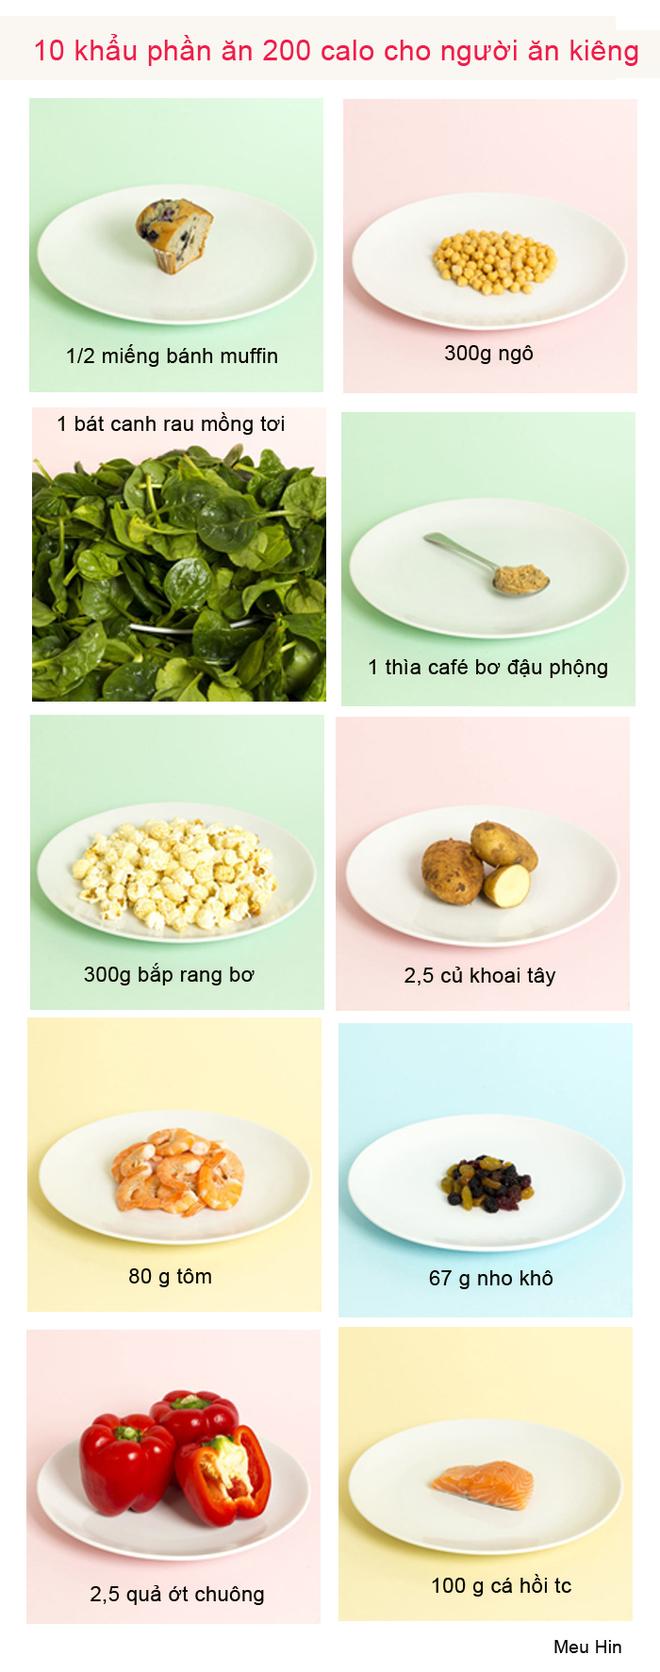 Tham khảo khẩu phần ăn 200 calo cho người ăn kiêng cho ngày tết